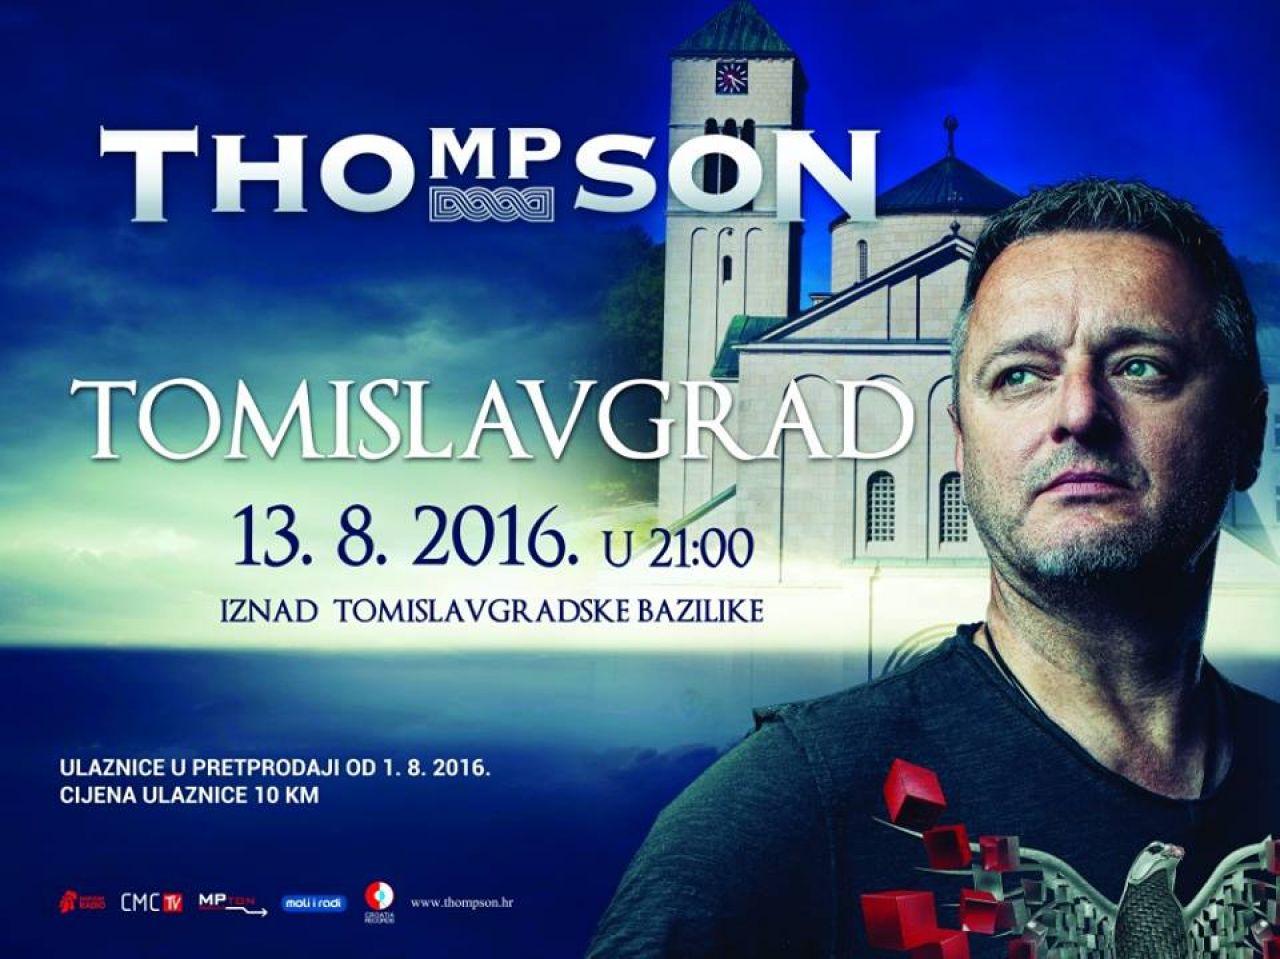 Thompson u Tomislavgradu